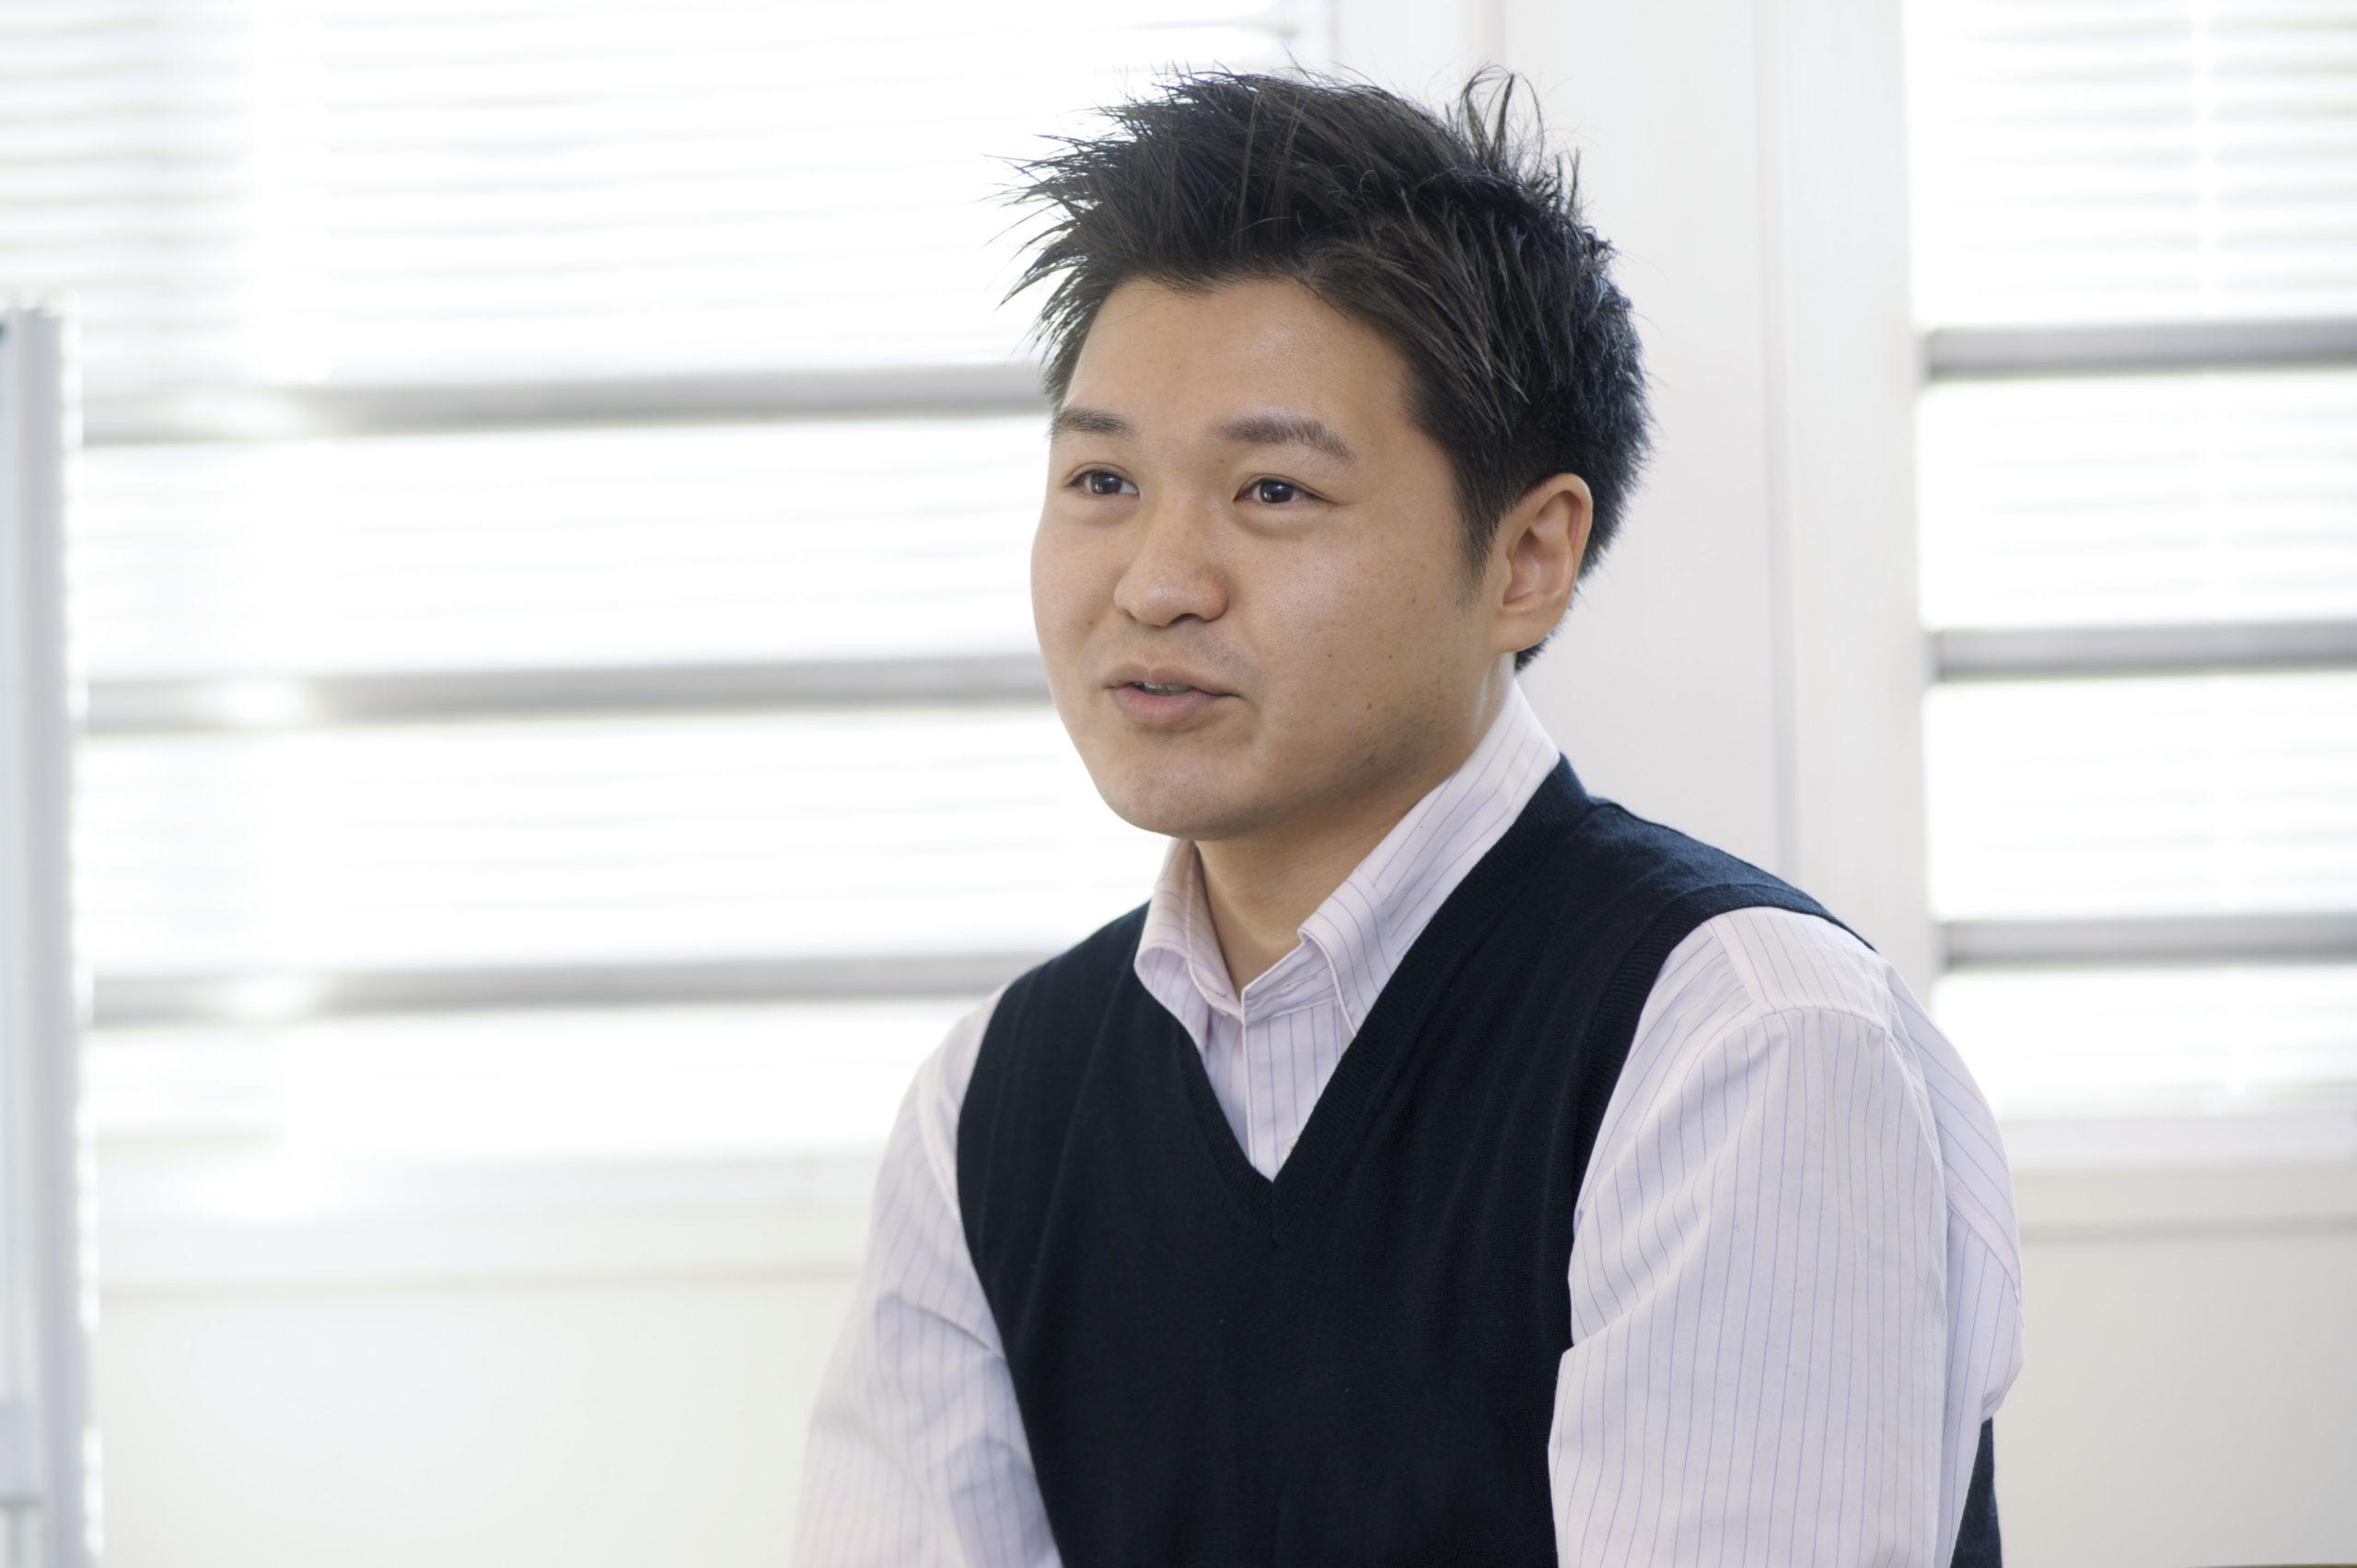 つばさ公益社 代表取締役 篠原憲文